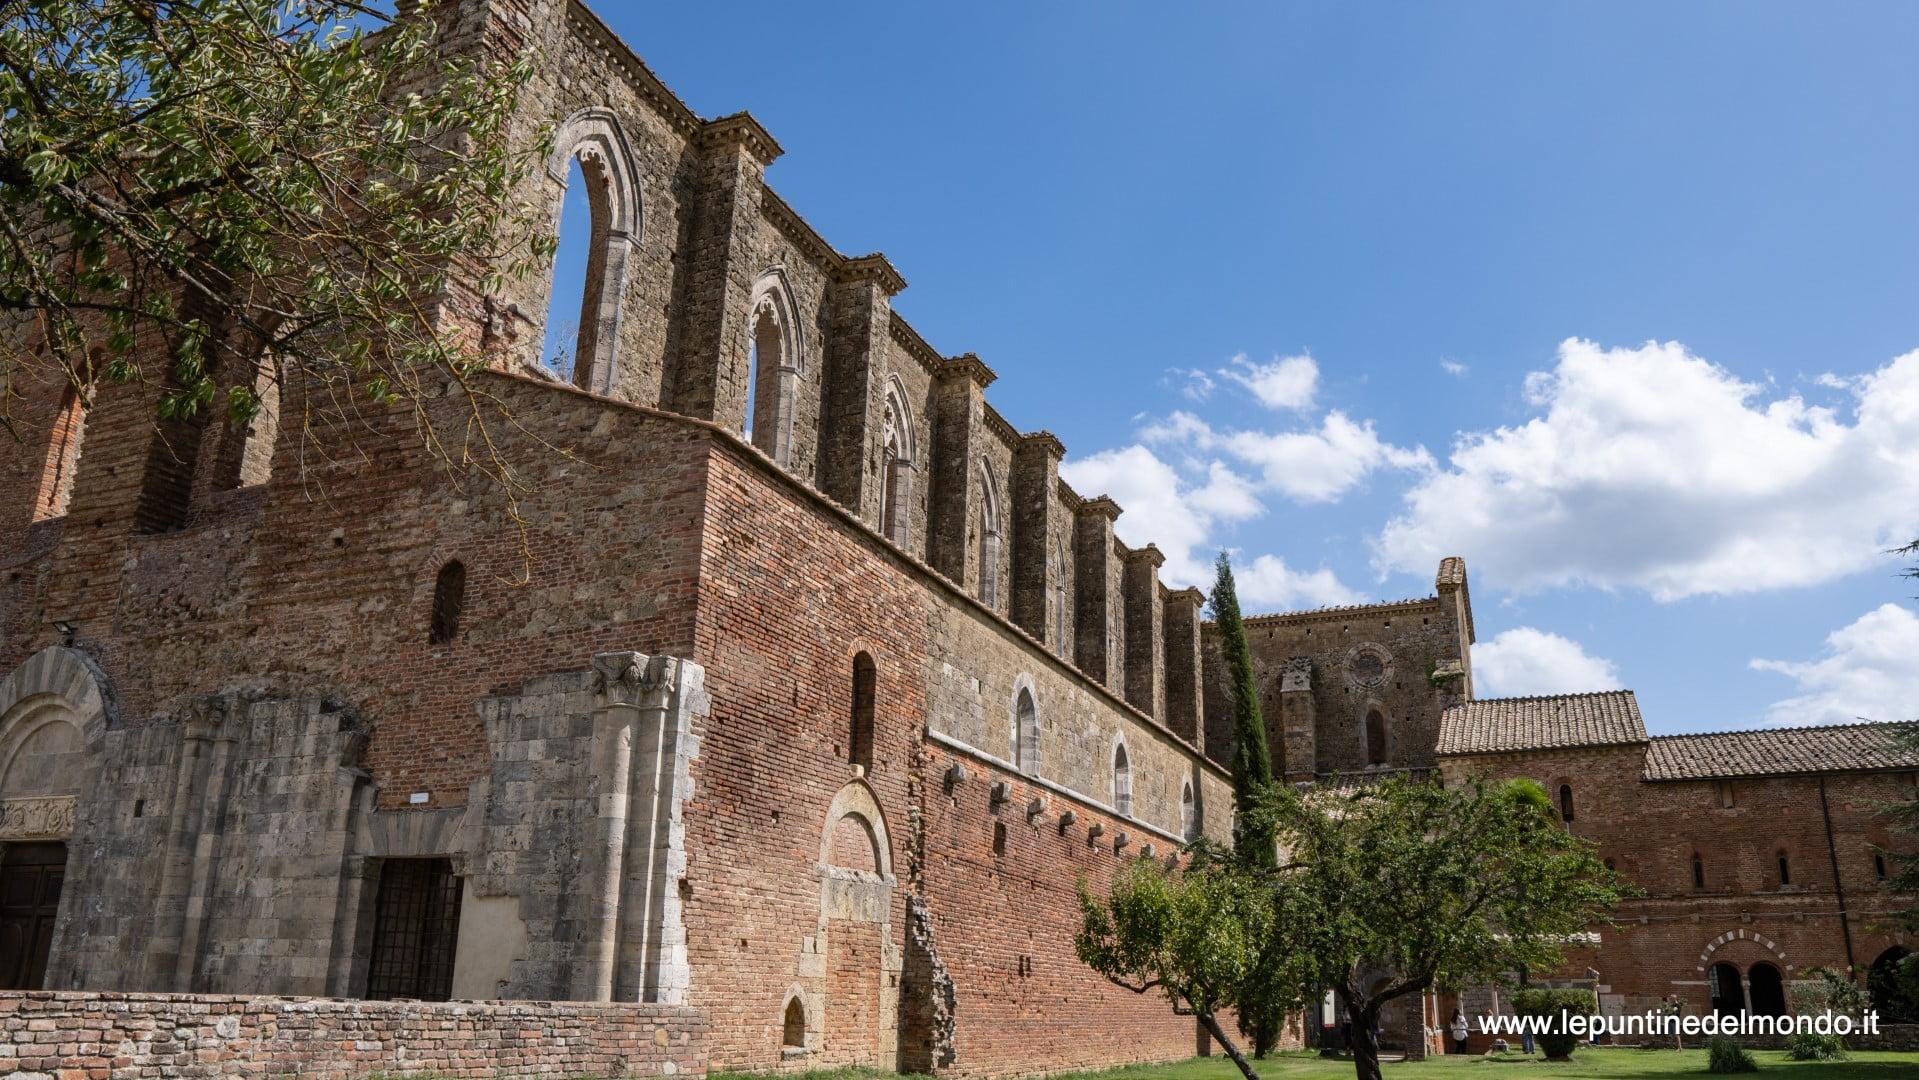 La Spada nella Roccia Abbazia di San Galgano Chiusdino SI Siena Toscana Italy